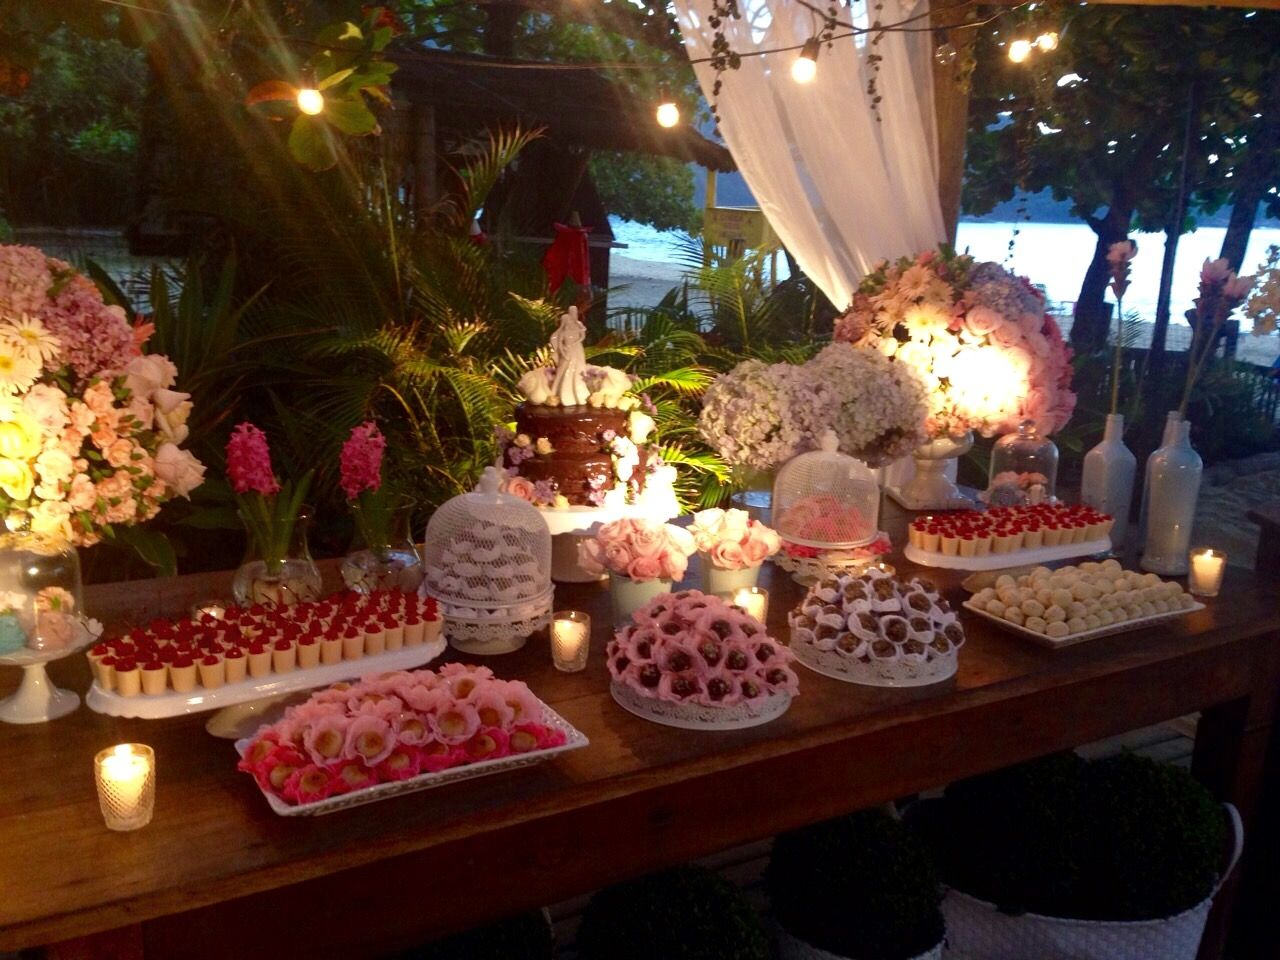 Casamento na praia. BARRACUDA, Toque-Toque Pequeno. Casamento Janaína e Fabrício. Decoração rosa e azul. Decoração: Santinha do Pau Oco. Assessoria: EZ Wedding